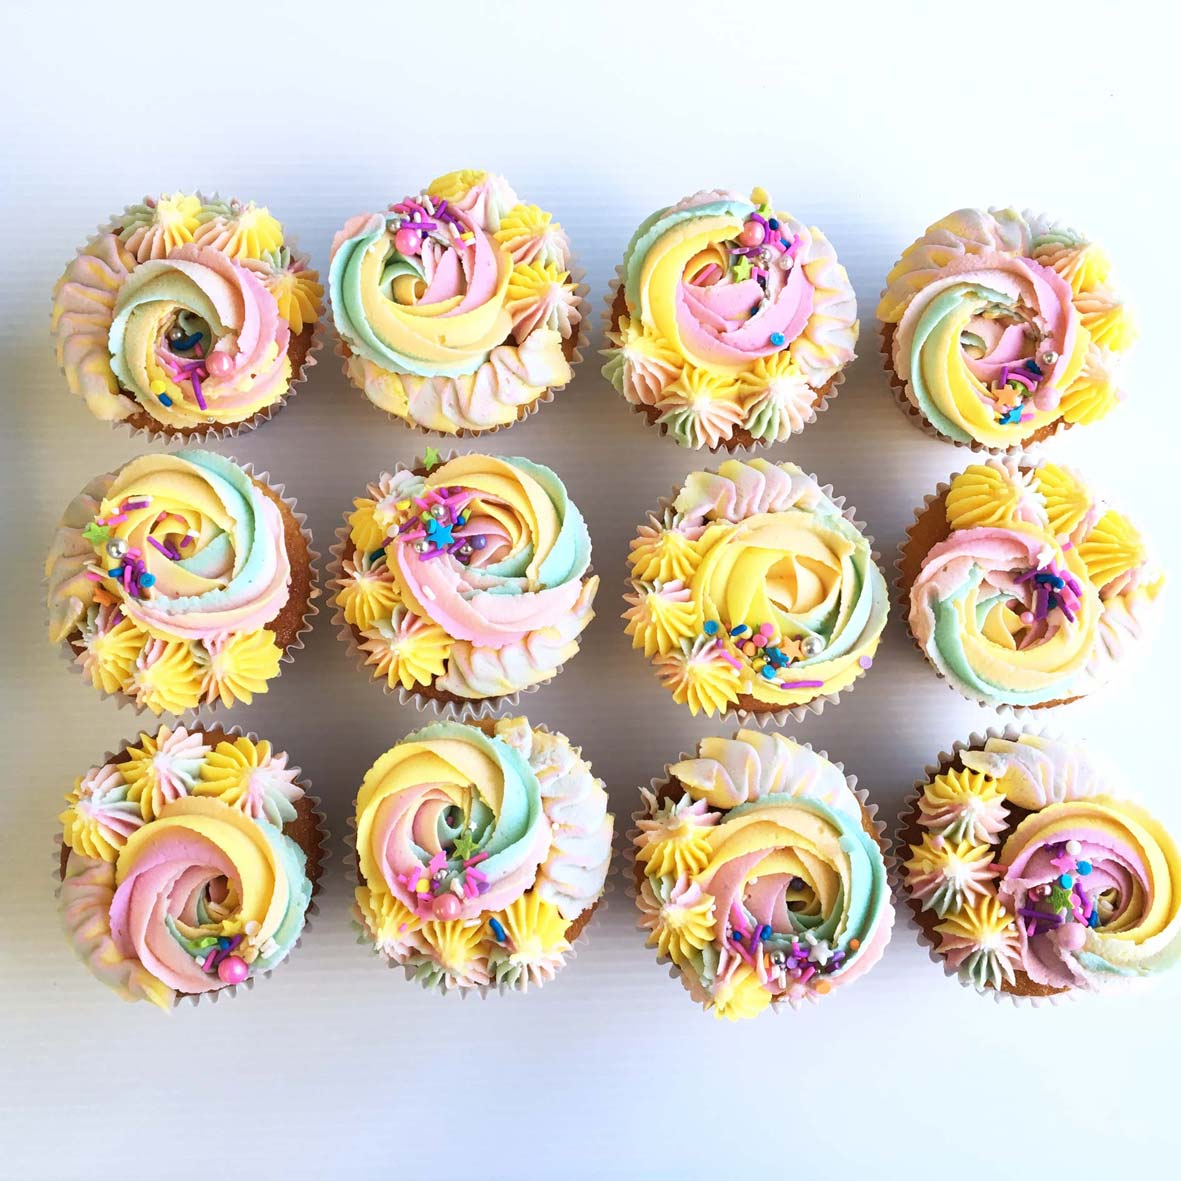 The_Little_Cake_Maker_Perth_Baker_CustomCakes_DayCakes_Slices_Tarts_Cupcakes_1.jpg